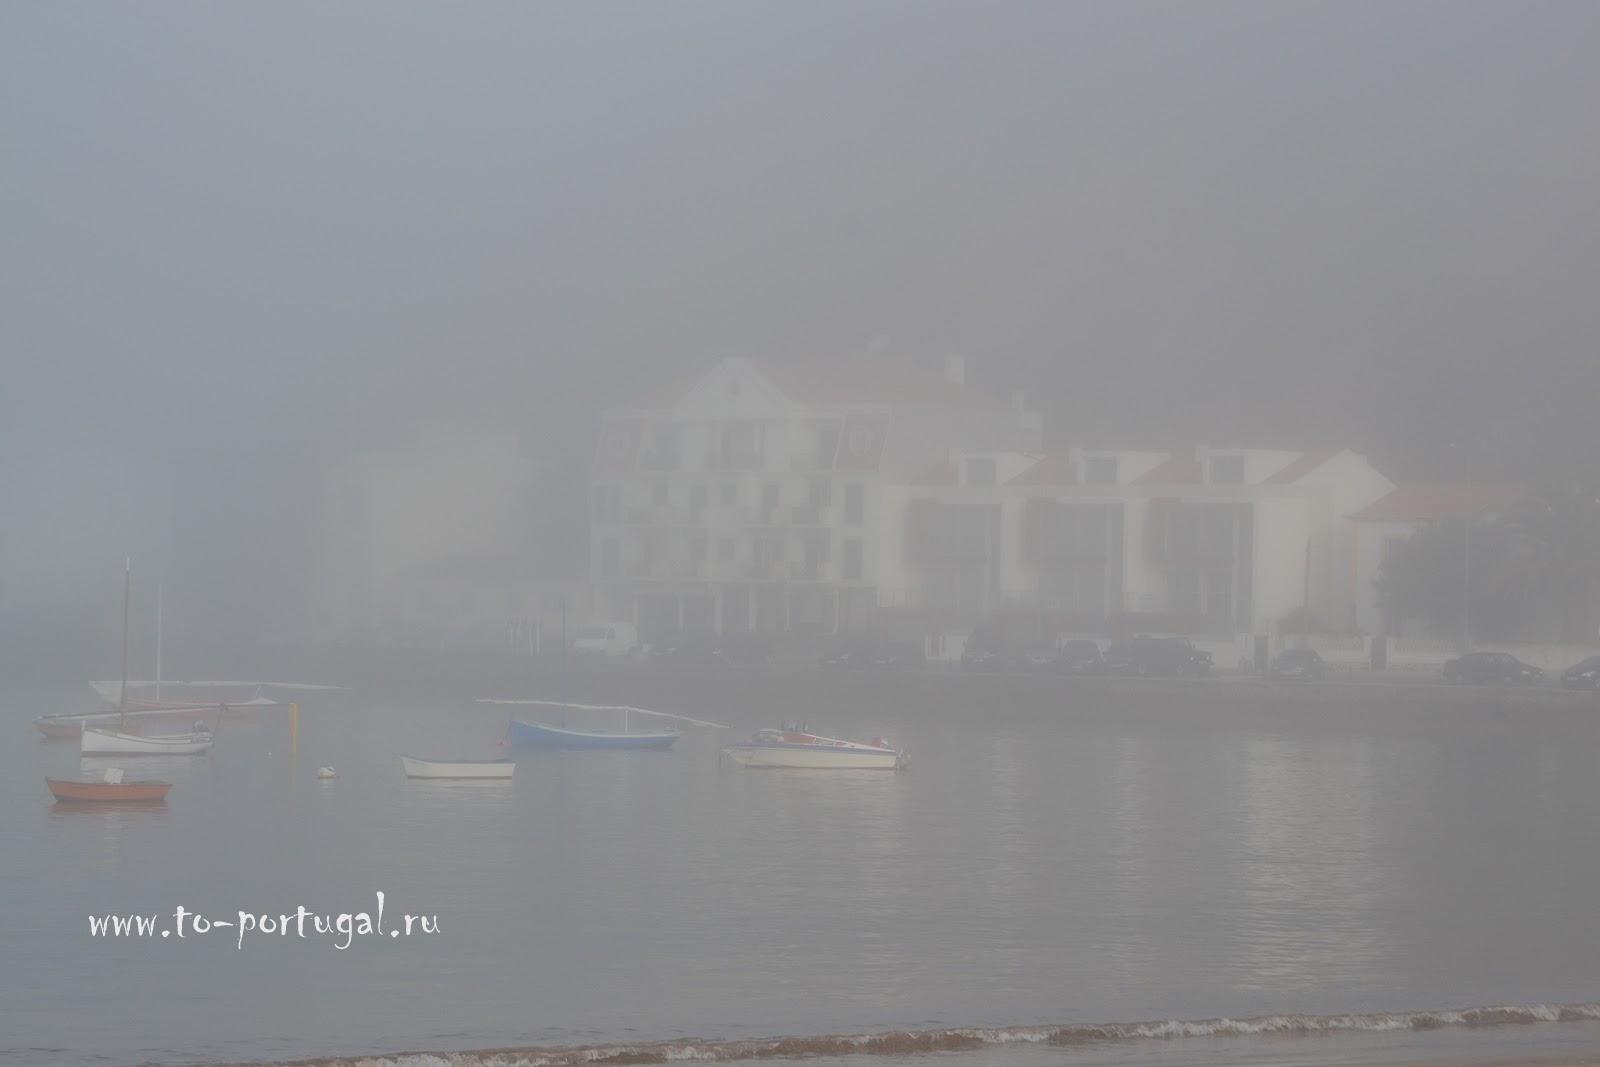 португальский климат, природа Португалии